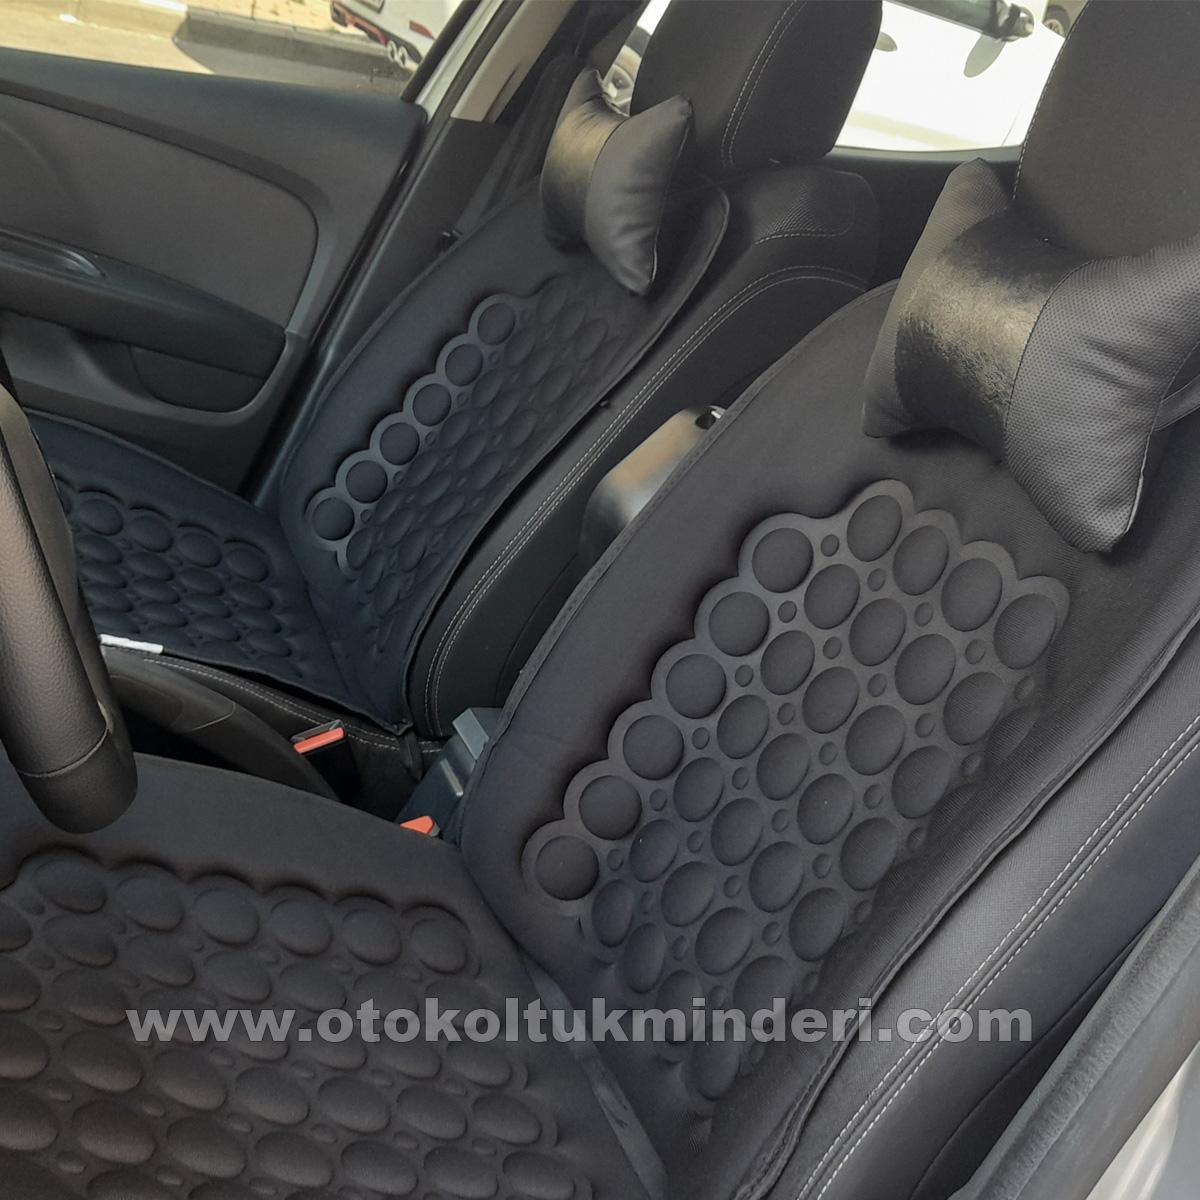 ford koltuk kılıfı - Ford uyumlu koltuk minderi